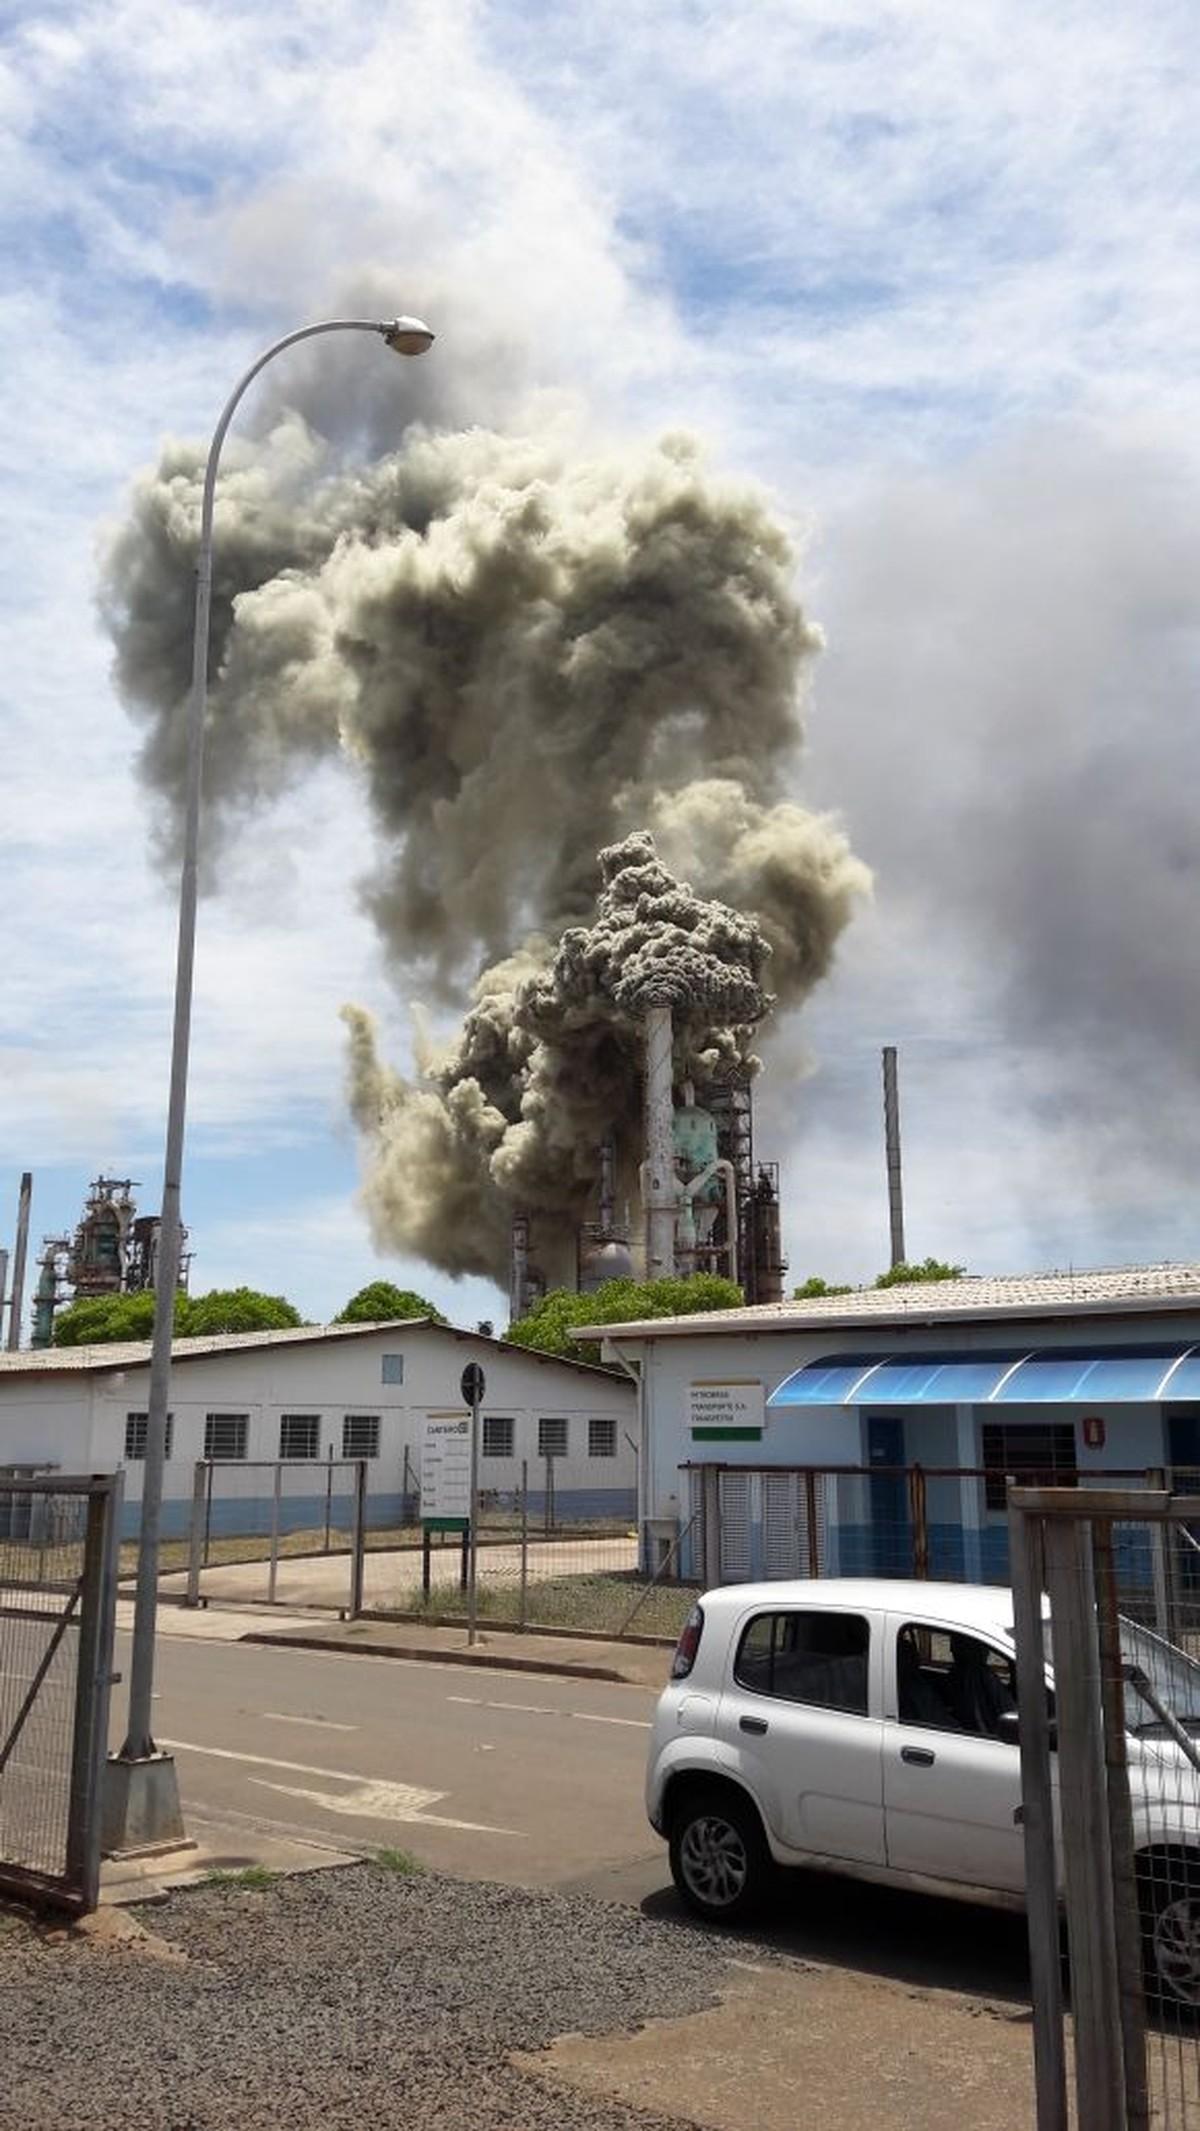 Dois dias após falha, Replan está com parte da produção parada, diz Petrobras